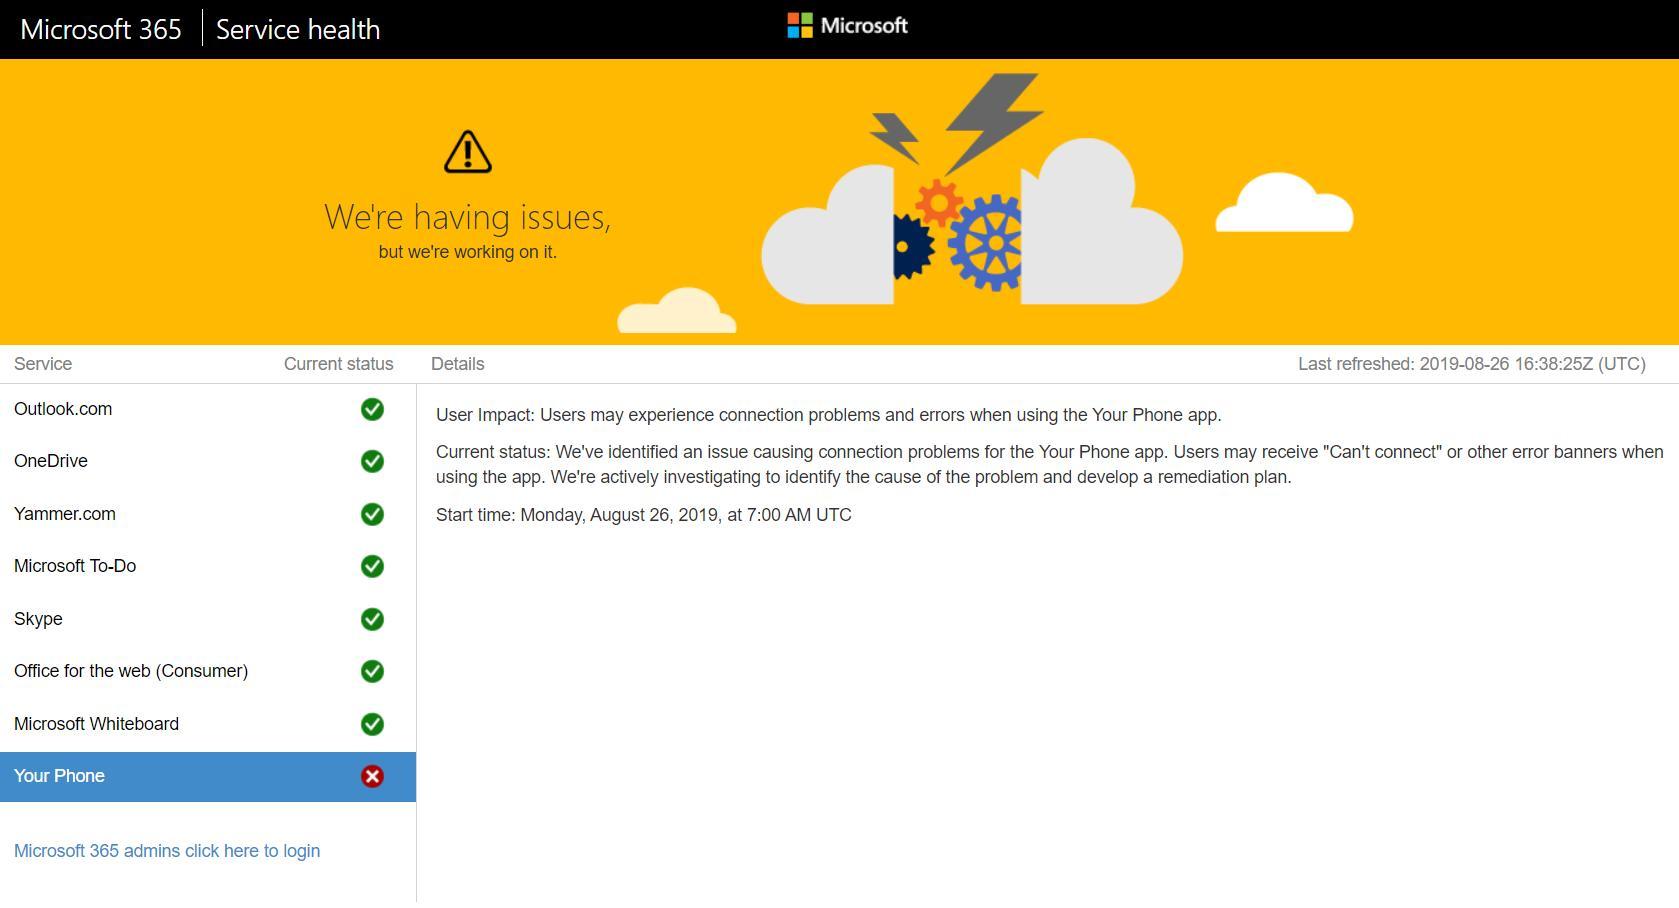 La page de Microsoft indiquant une panne